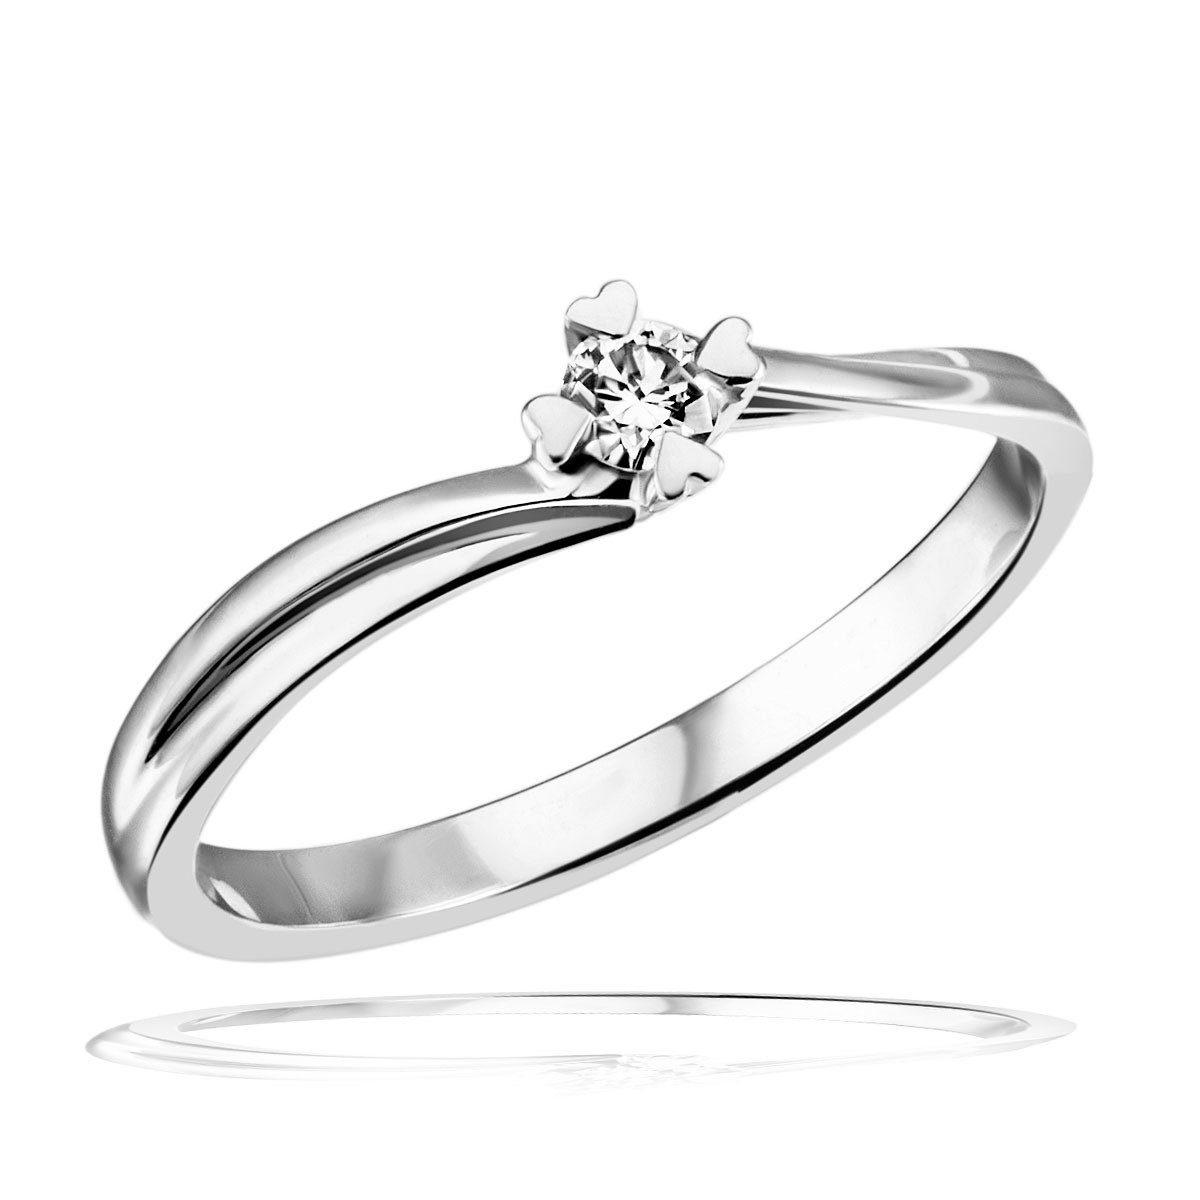 goldmaid Damenring Weissgold 585 Brillant Herz Stotzen Verlobungsring   Schmuck > Ringe > Verlobungsringe   Weiß   Goldmaid